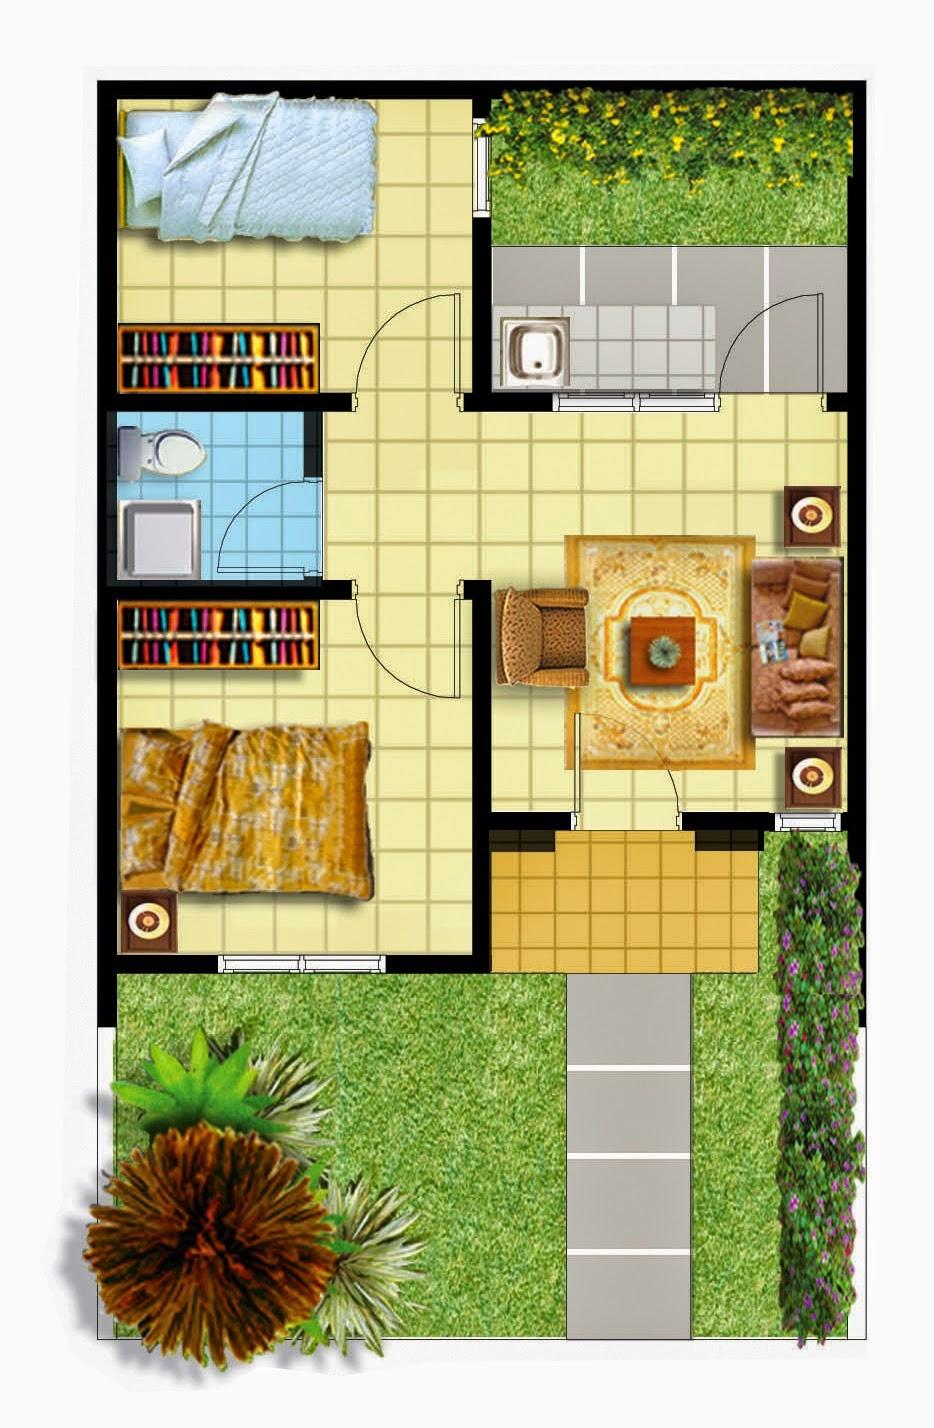 Contoh Gambar Desain Rumah 6x6 Informasi Desain dan Tipe